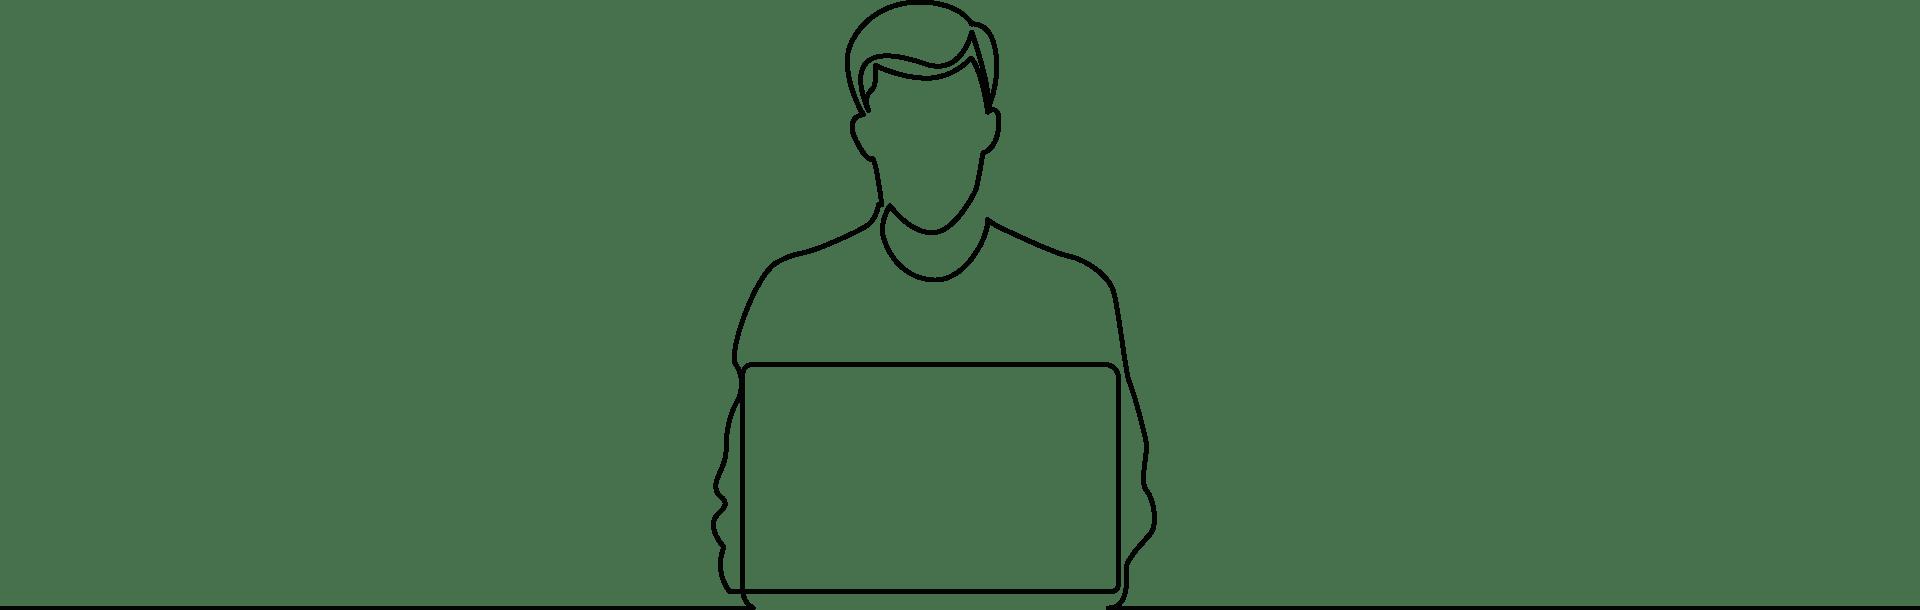 Website Content Questionnaire